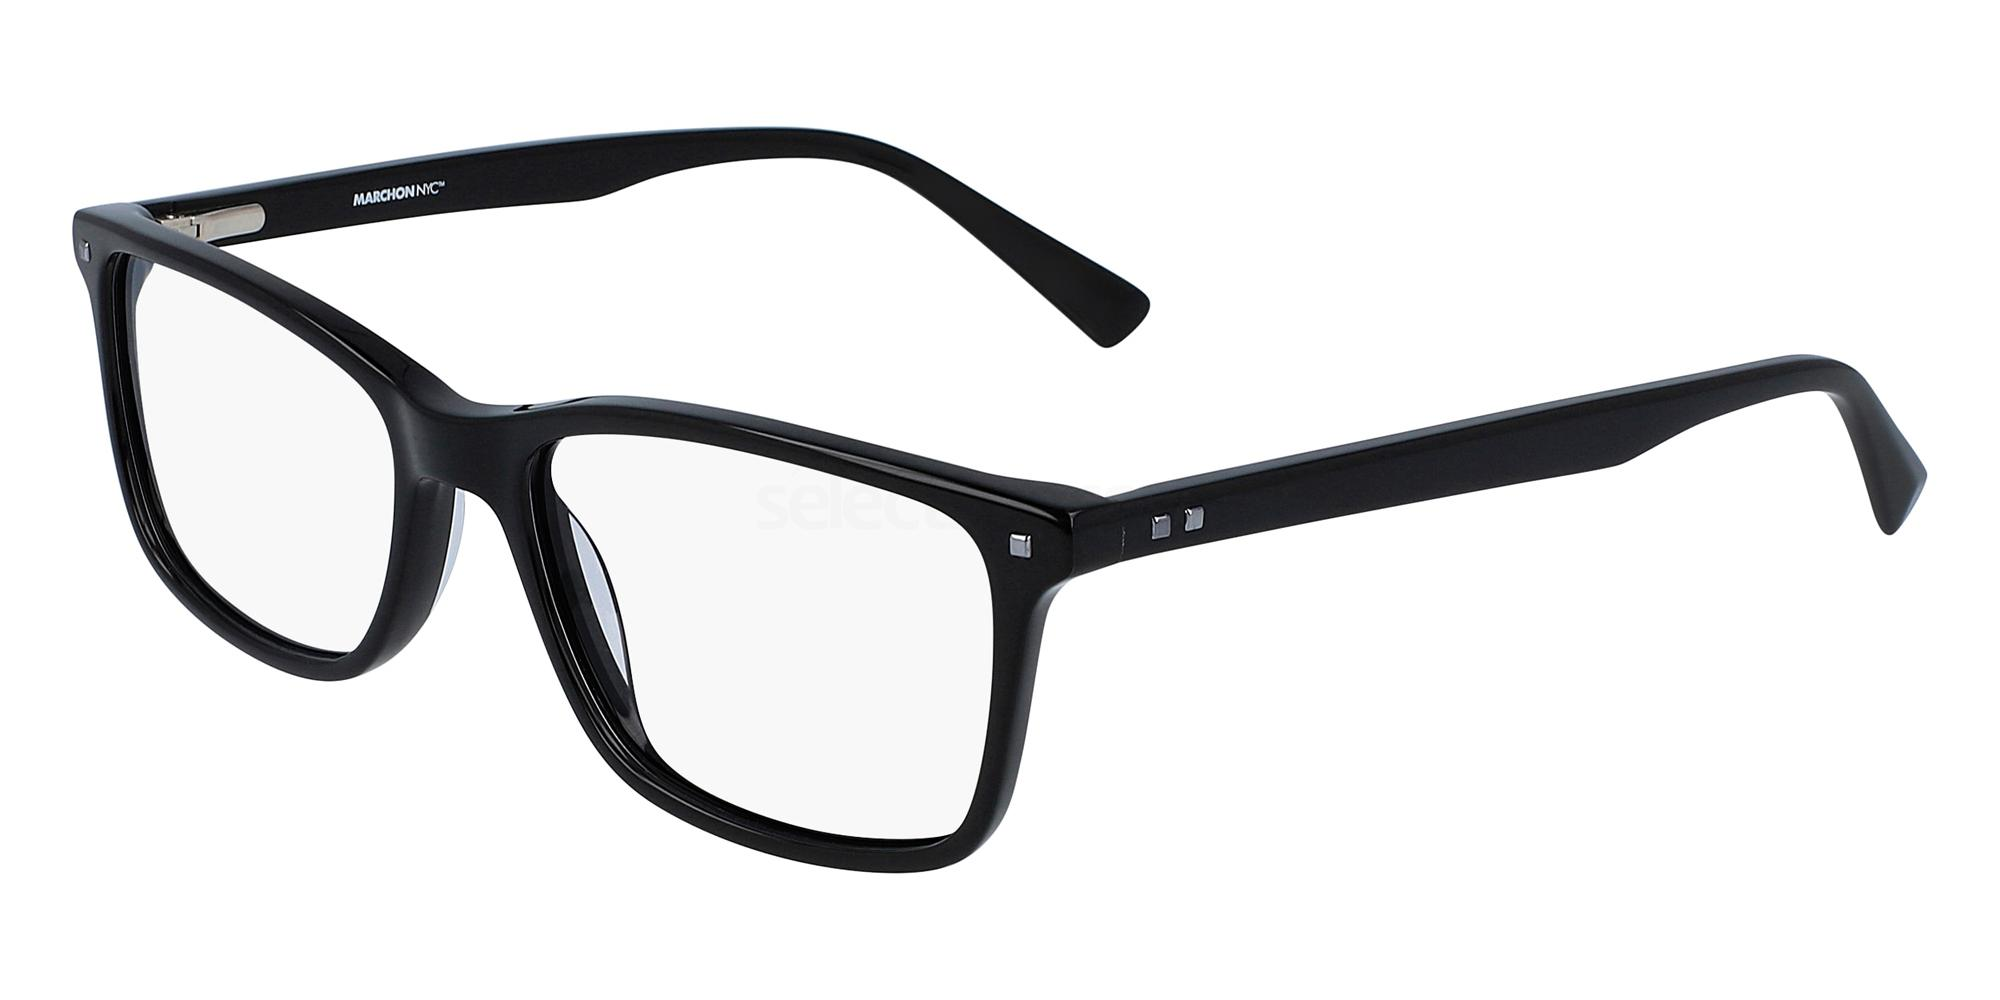 001 M-8501 Glasses, Marchon